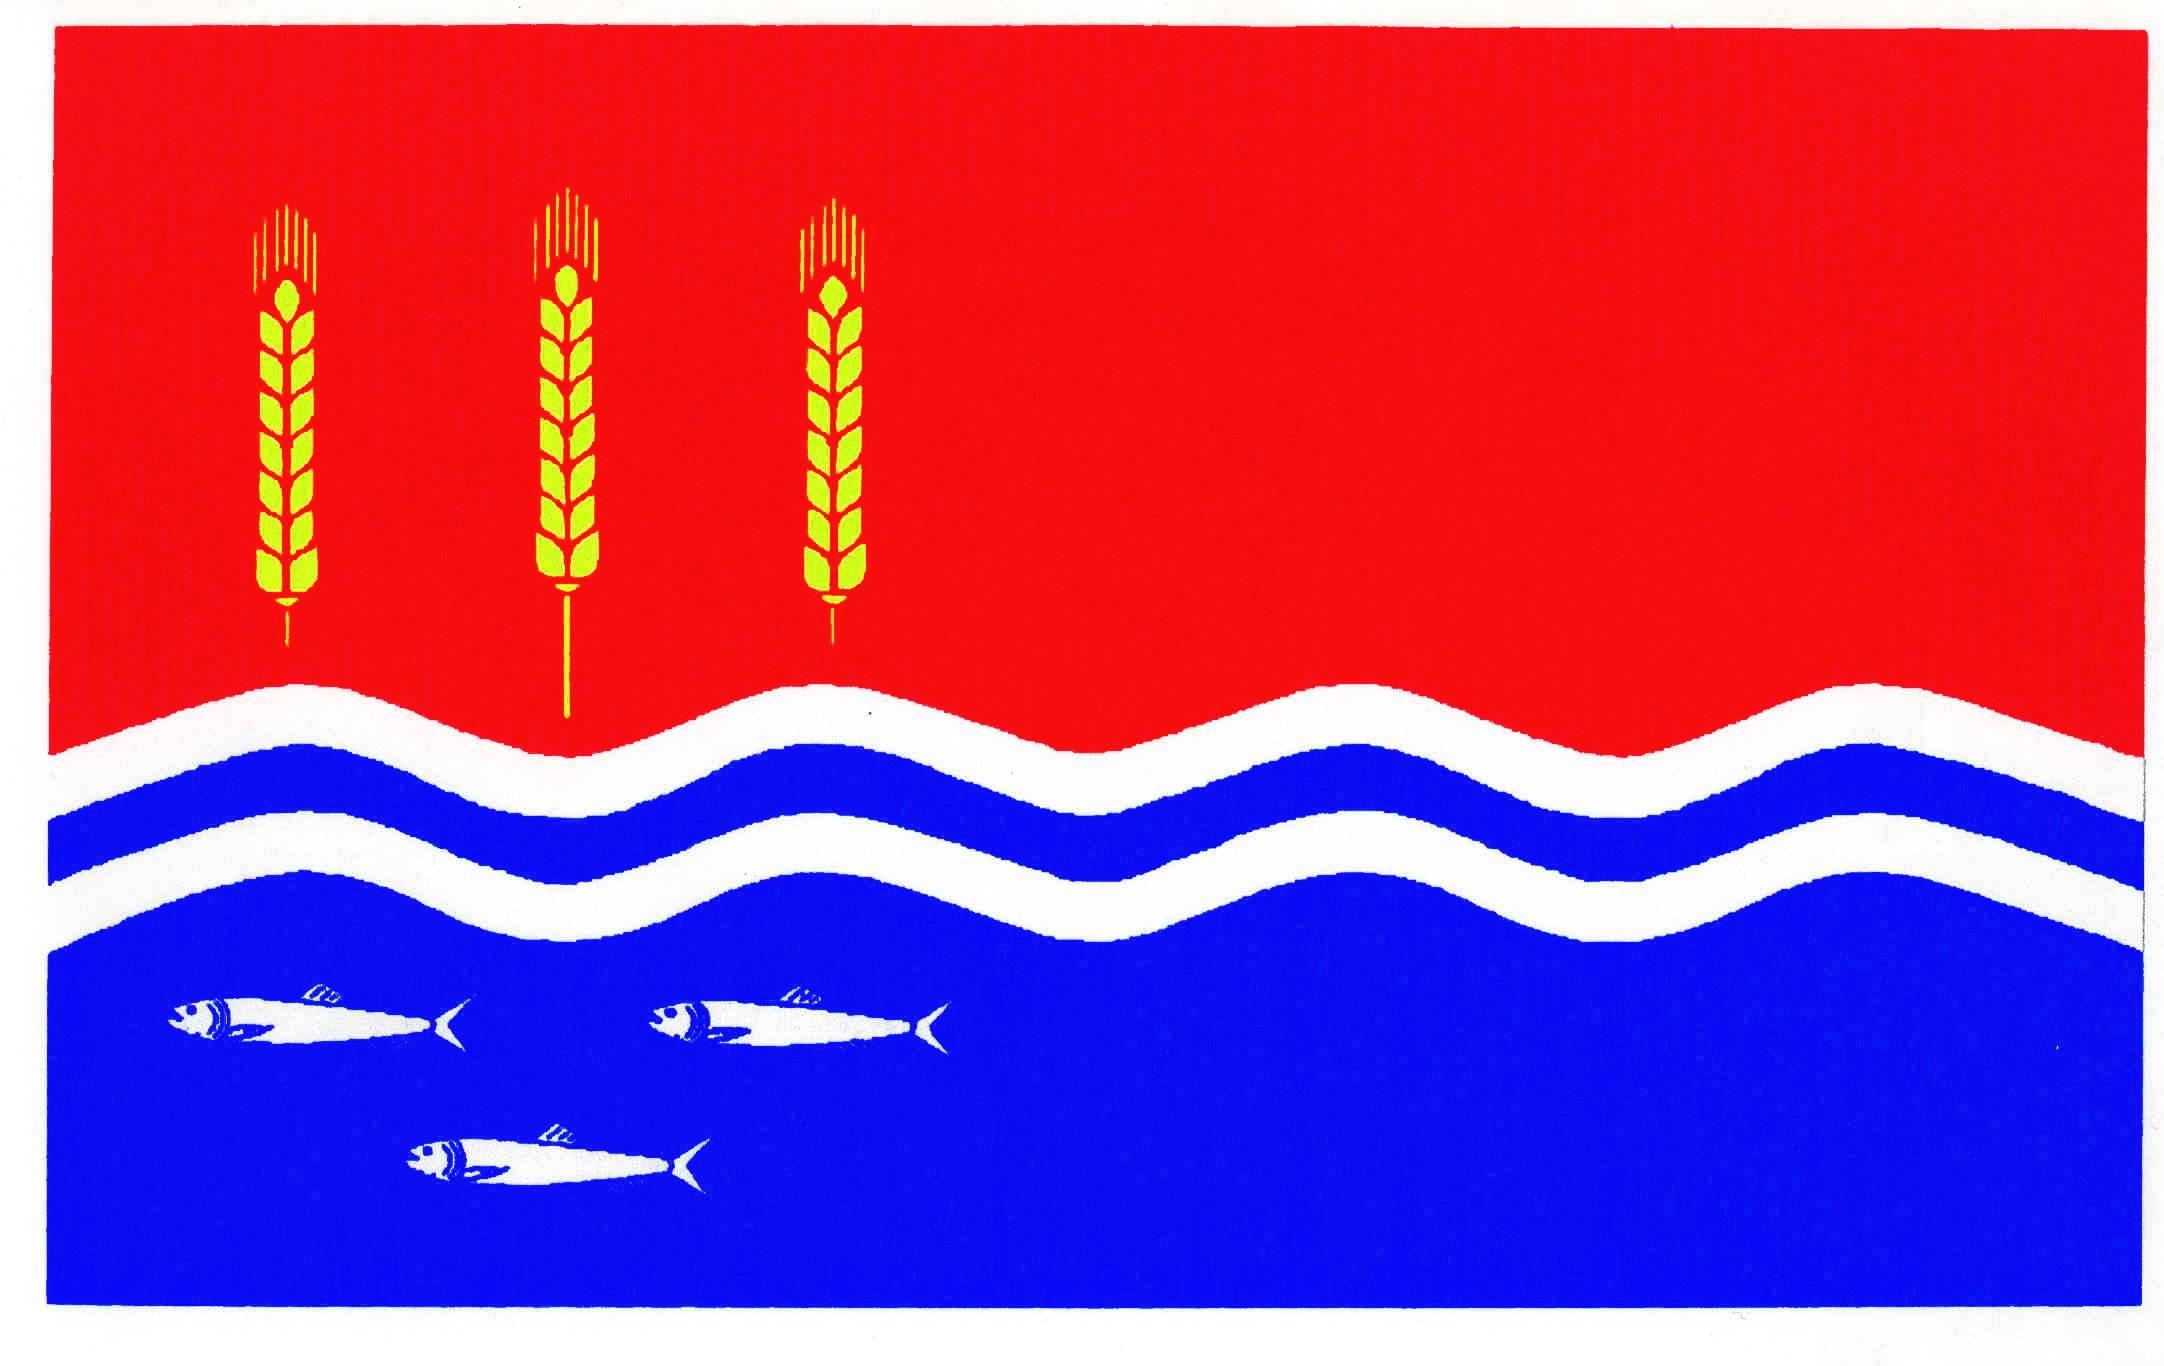 Flagge GemeindeThumby, Kreis Rendsburg-Eckernförde